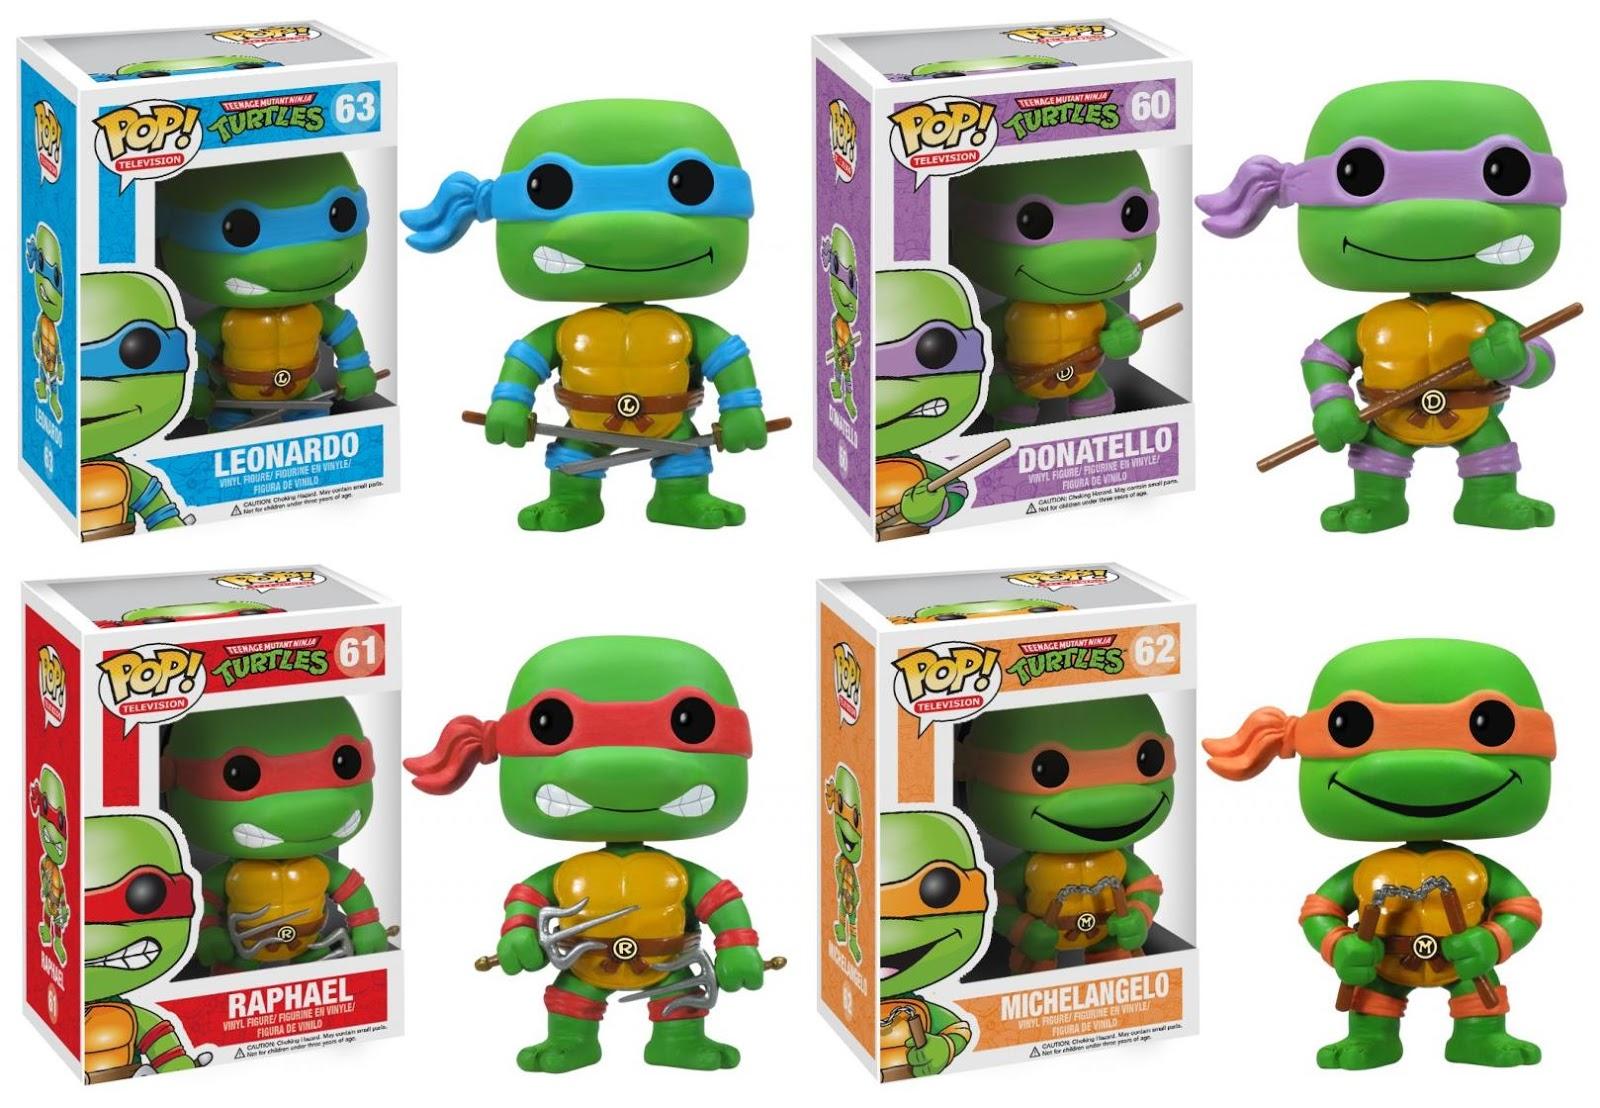 Teenage mutant ninja turtles pop vinyl figures by funko leonardo